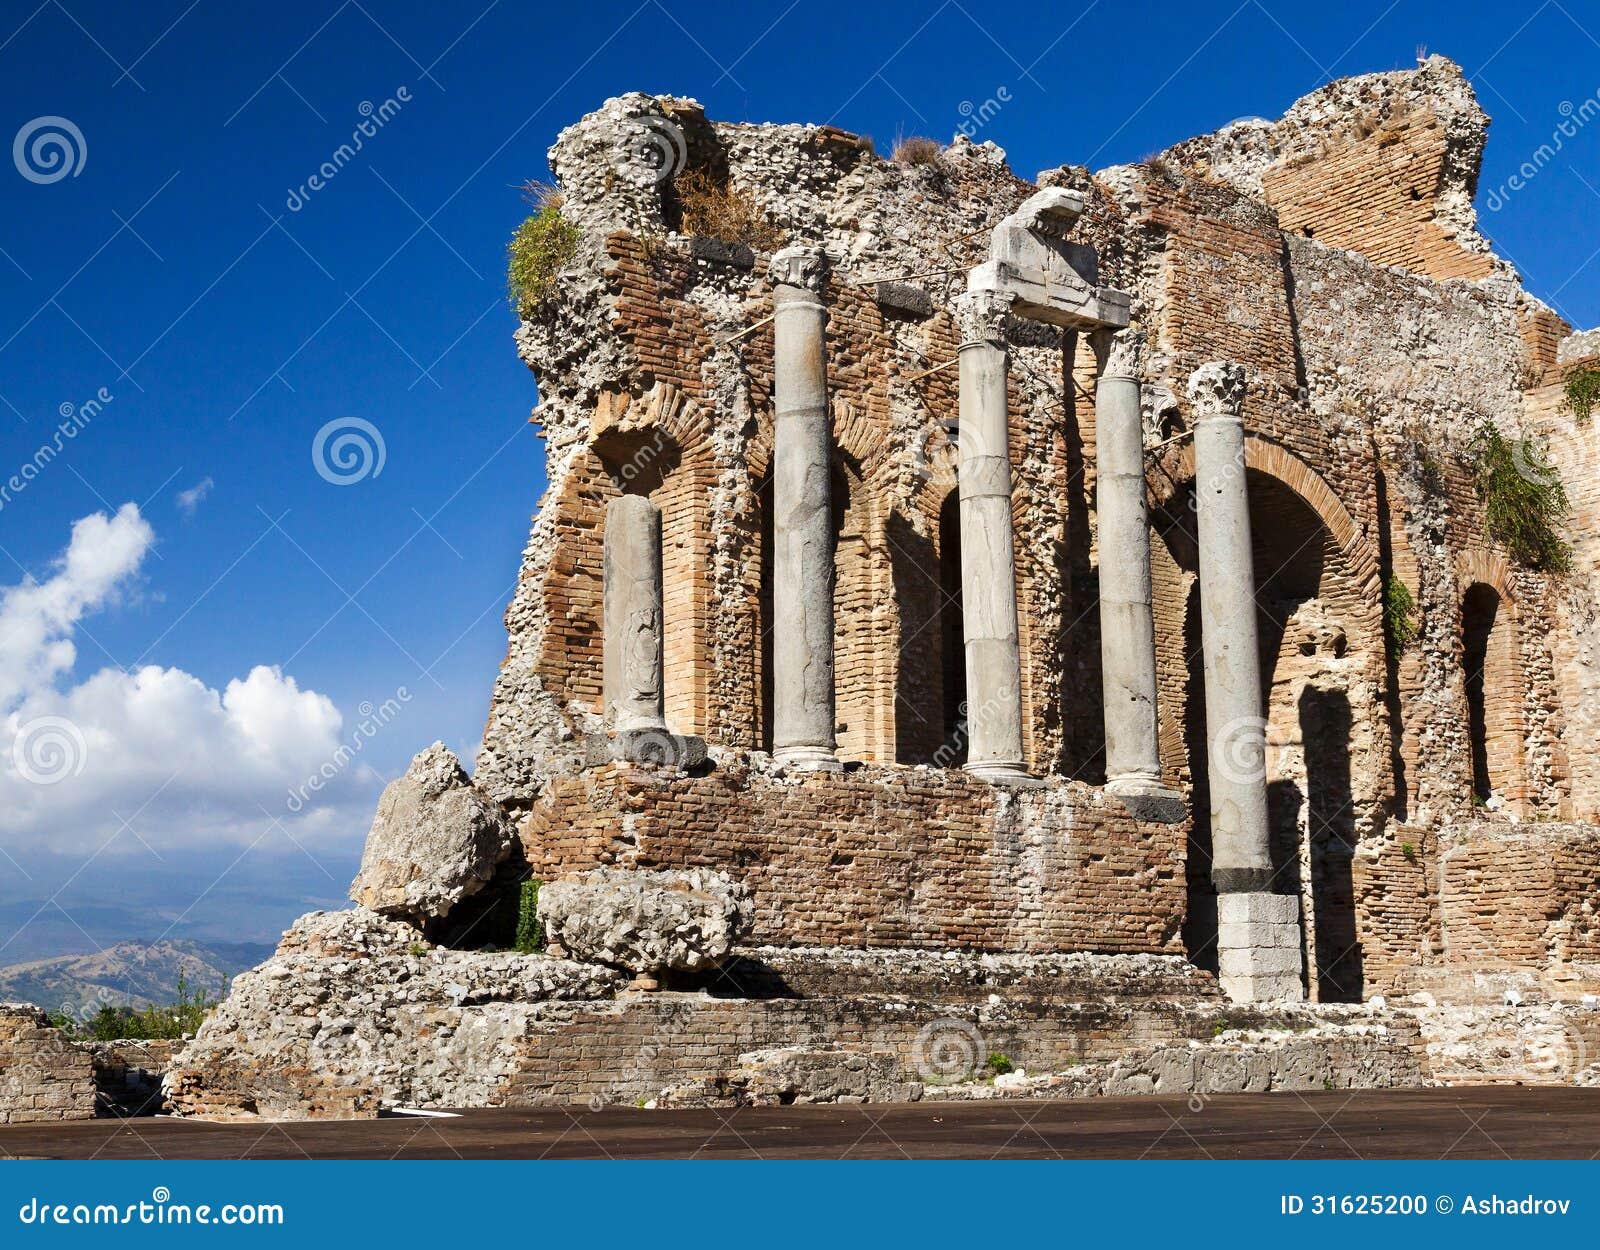 Vecchie pareti del Greco. Teatro antico, Taormina, Etna, Sicilia,